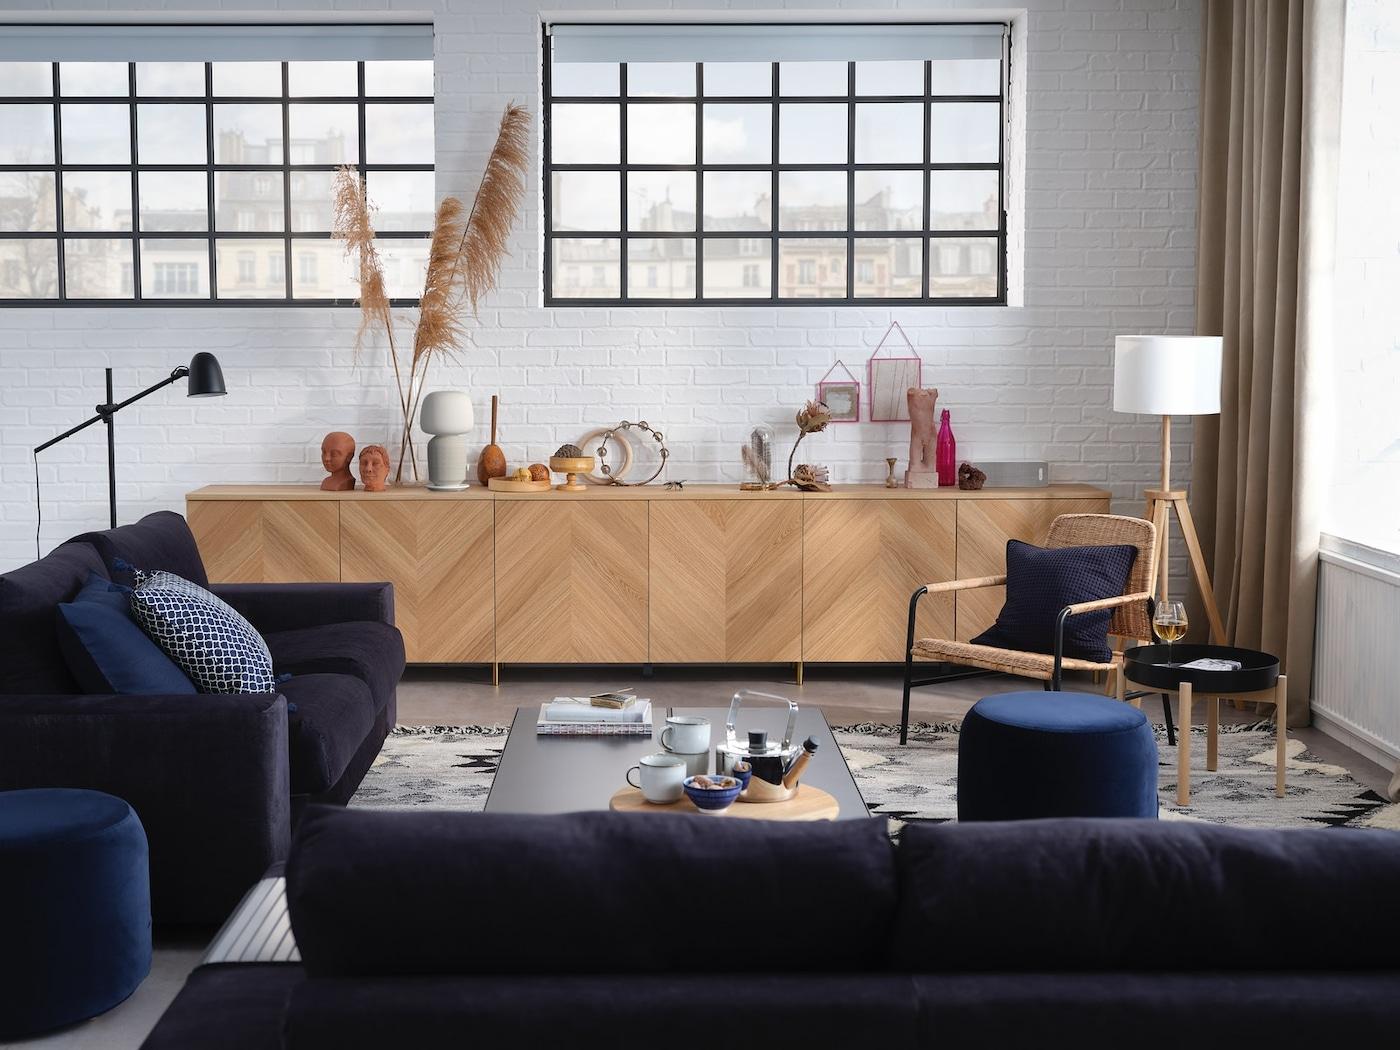 En stue med speil, sofa og sofabord i en koselig stil.